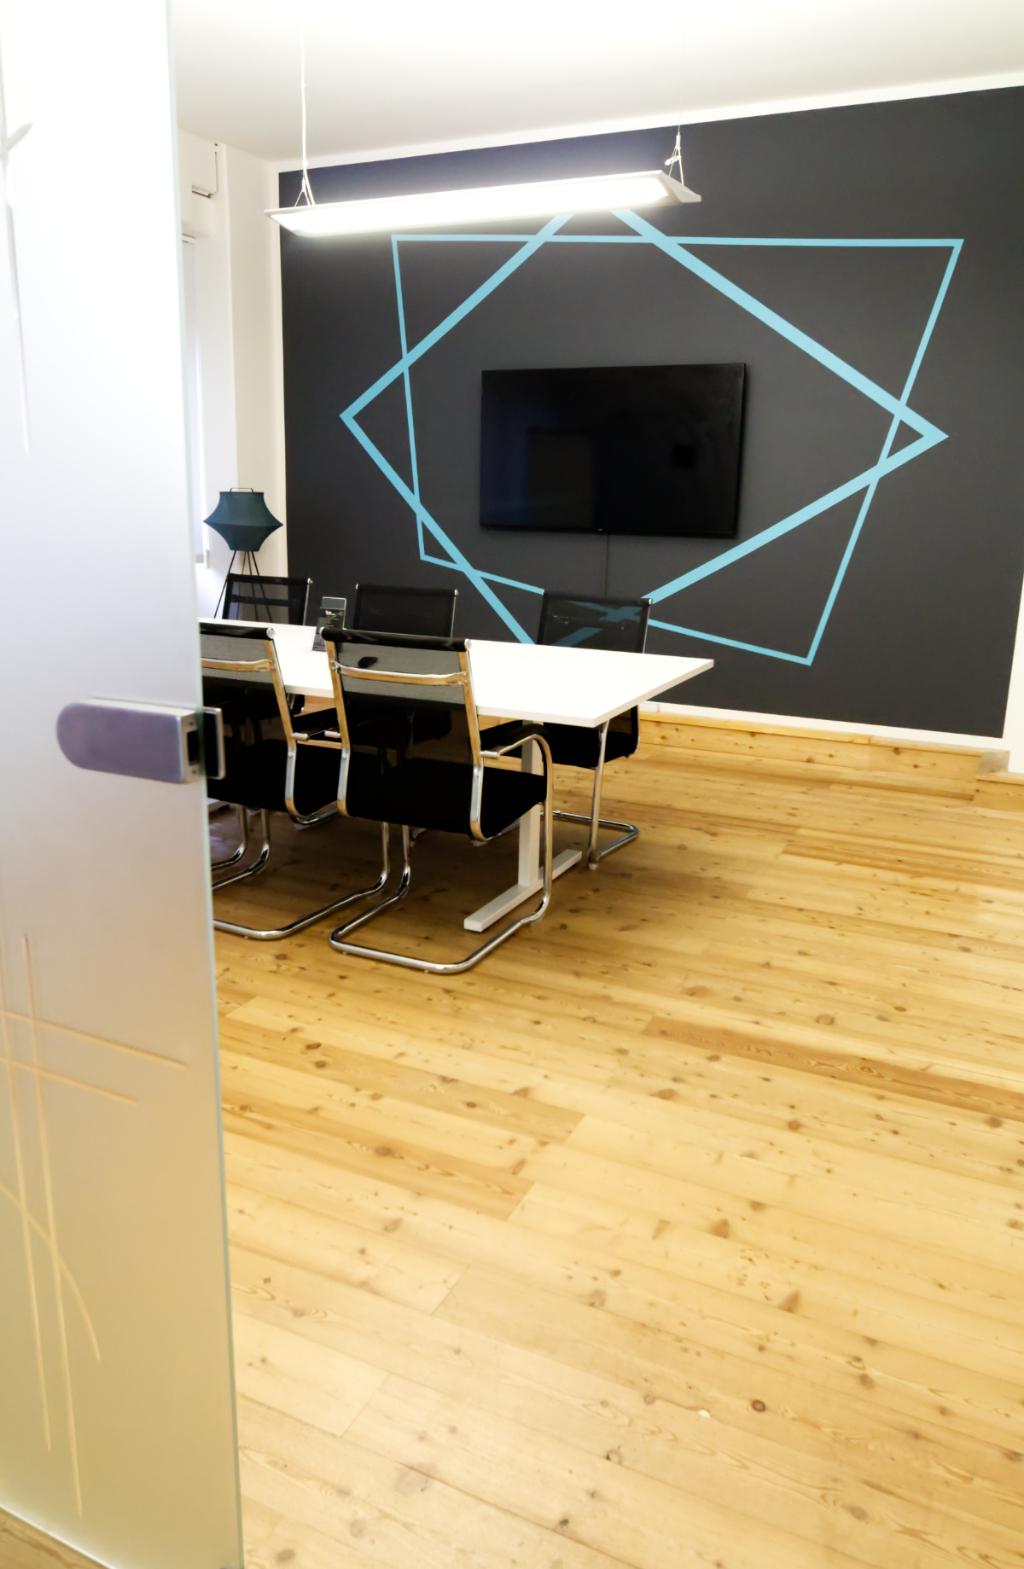 Stylischer und moderner Meetingraum für 6 Personen in Ahrensburg mit Präsentationsfernseher.